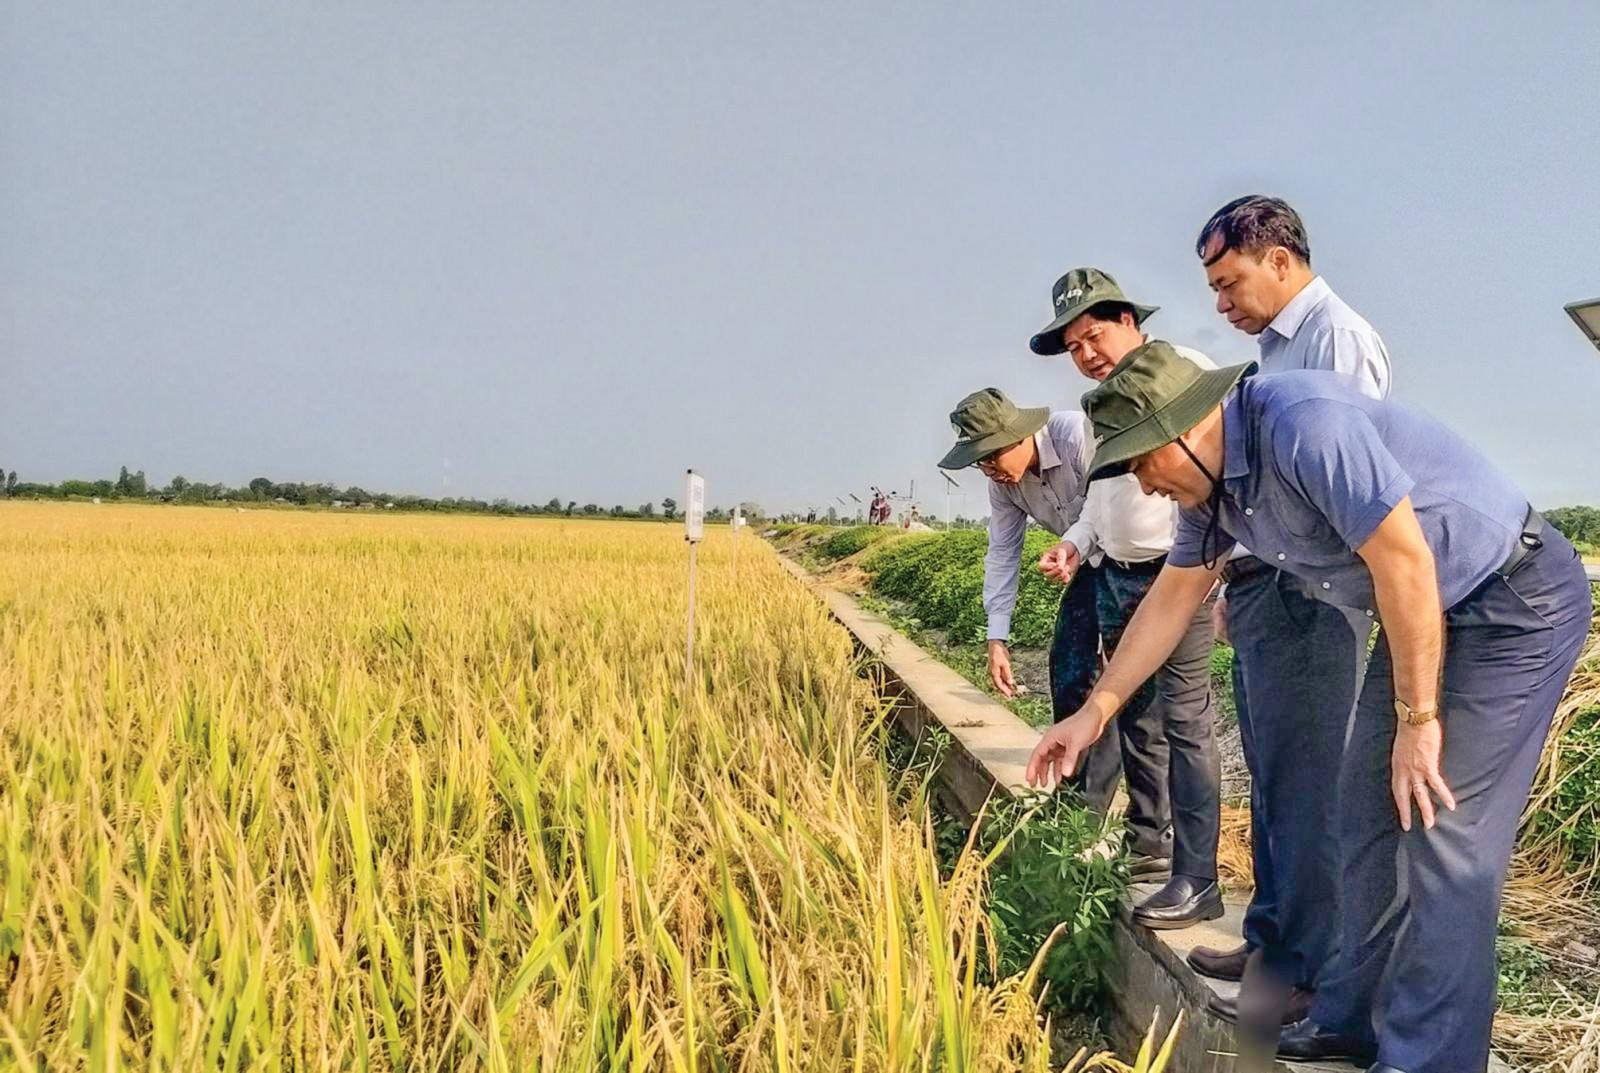 Thứ trưởng Bộ Nông nghiệp và Phát triển nông thôn Lê Quốc Doanh (thứ 2 từ trái sang) tham quan khu vực thí nghiệm các giống lúa mới của Viện Lúa ĐBSCL. Ảnh: MINH HUYỀN